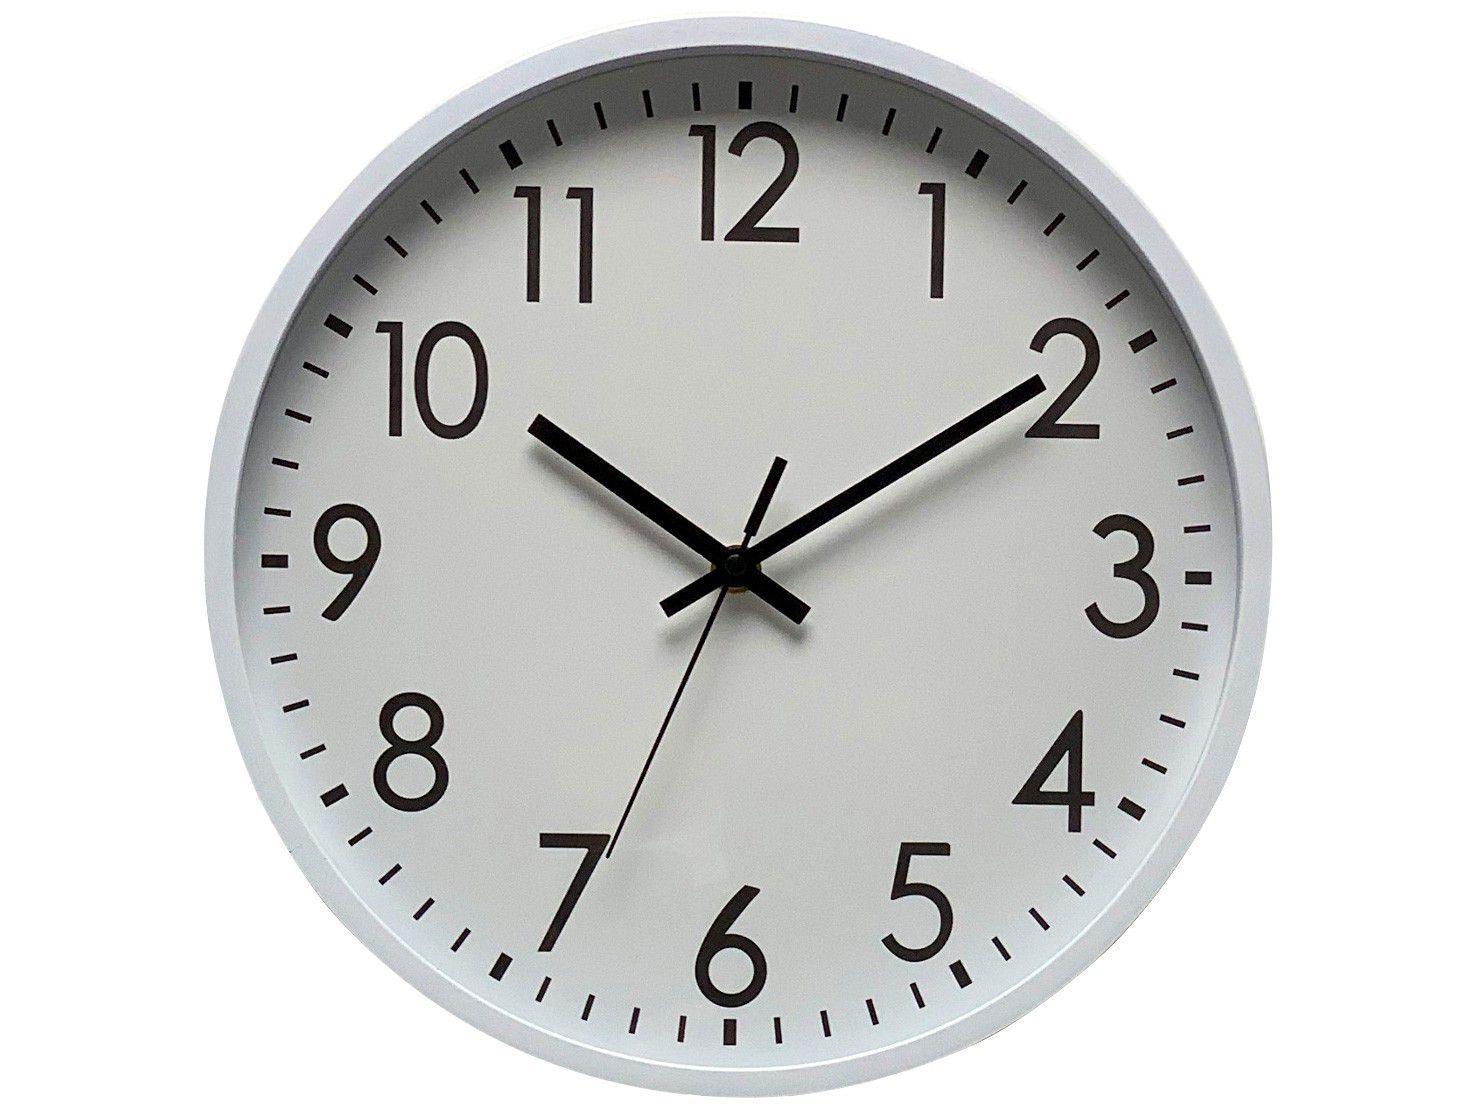 Relógio de Parede Analógico House Basic - 1502